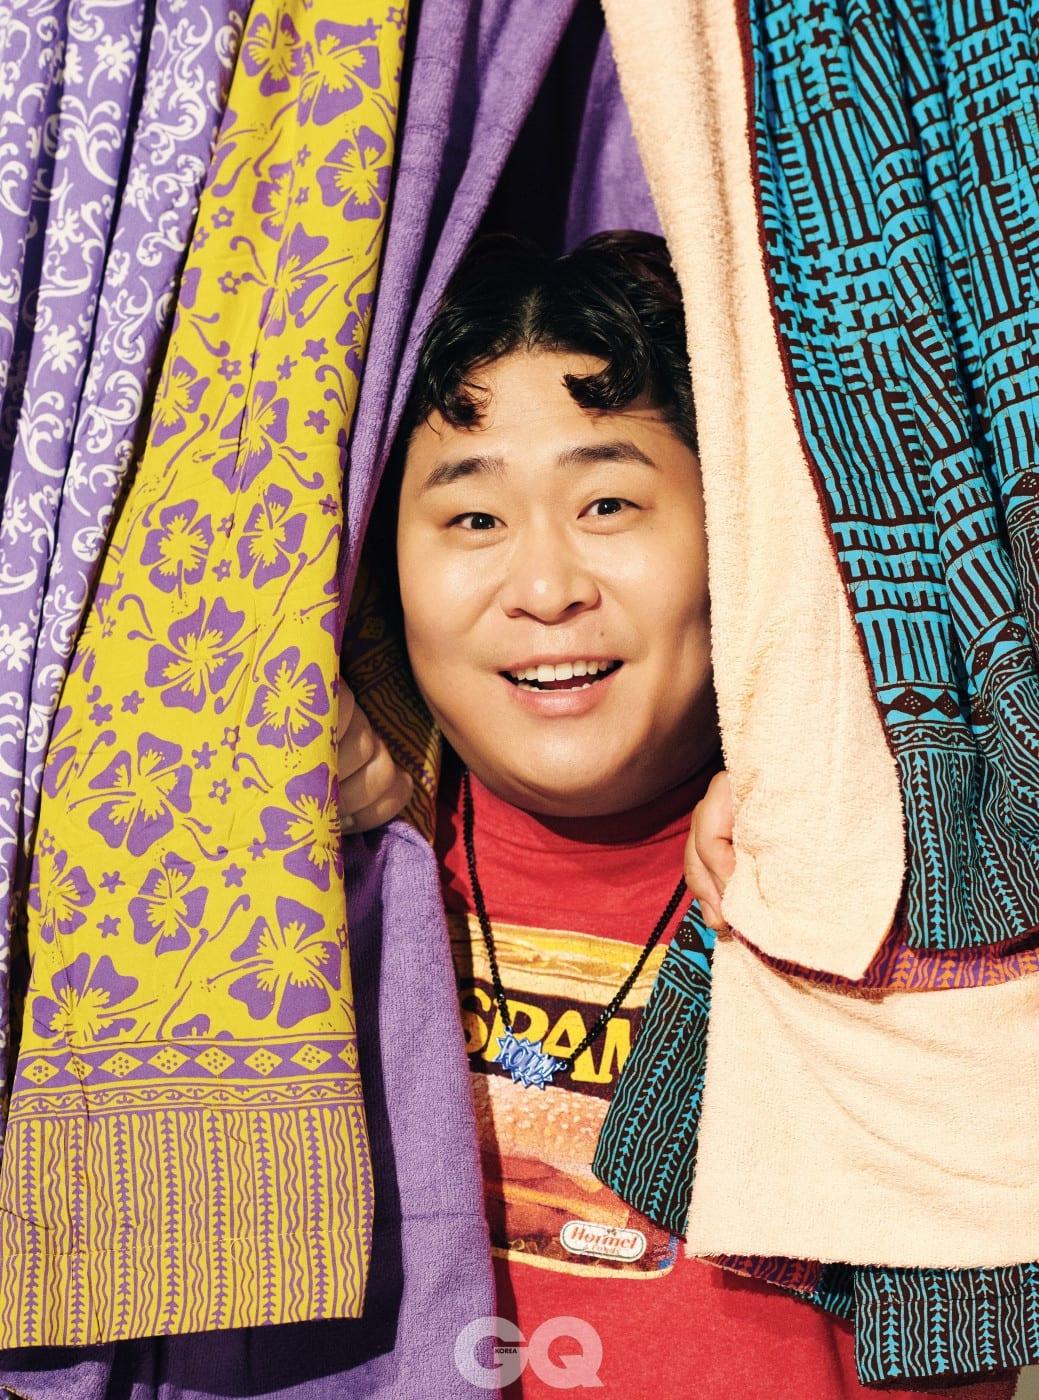 티셔츠는 에디터의 것, 목걸이는 스타일리스트의 것. 비치 타월은 모두 키쿨로 by 마이콜라주.